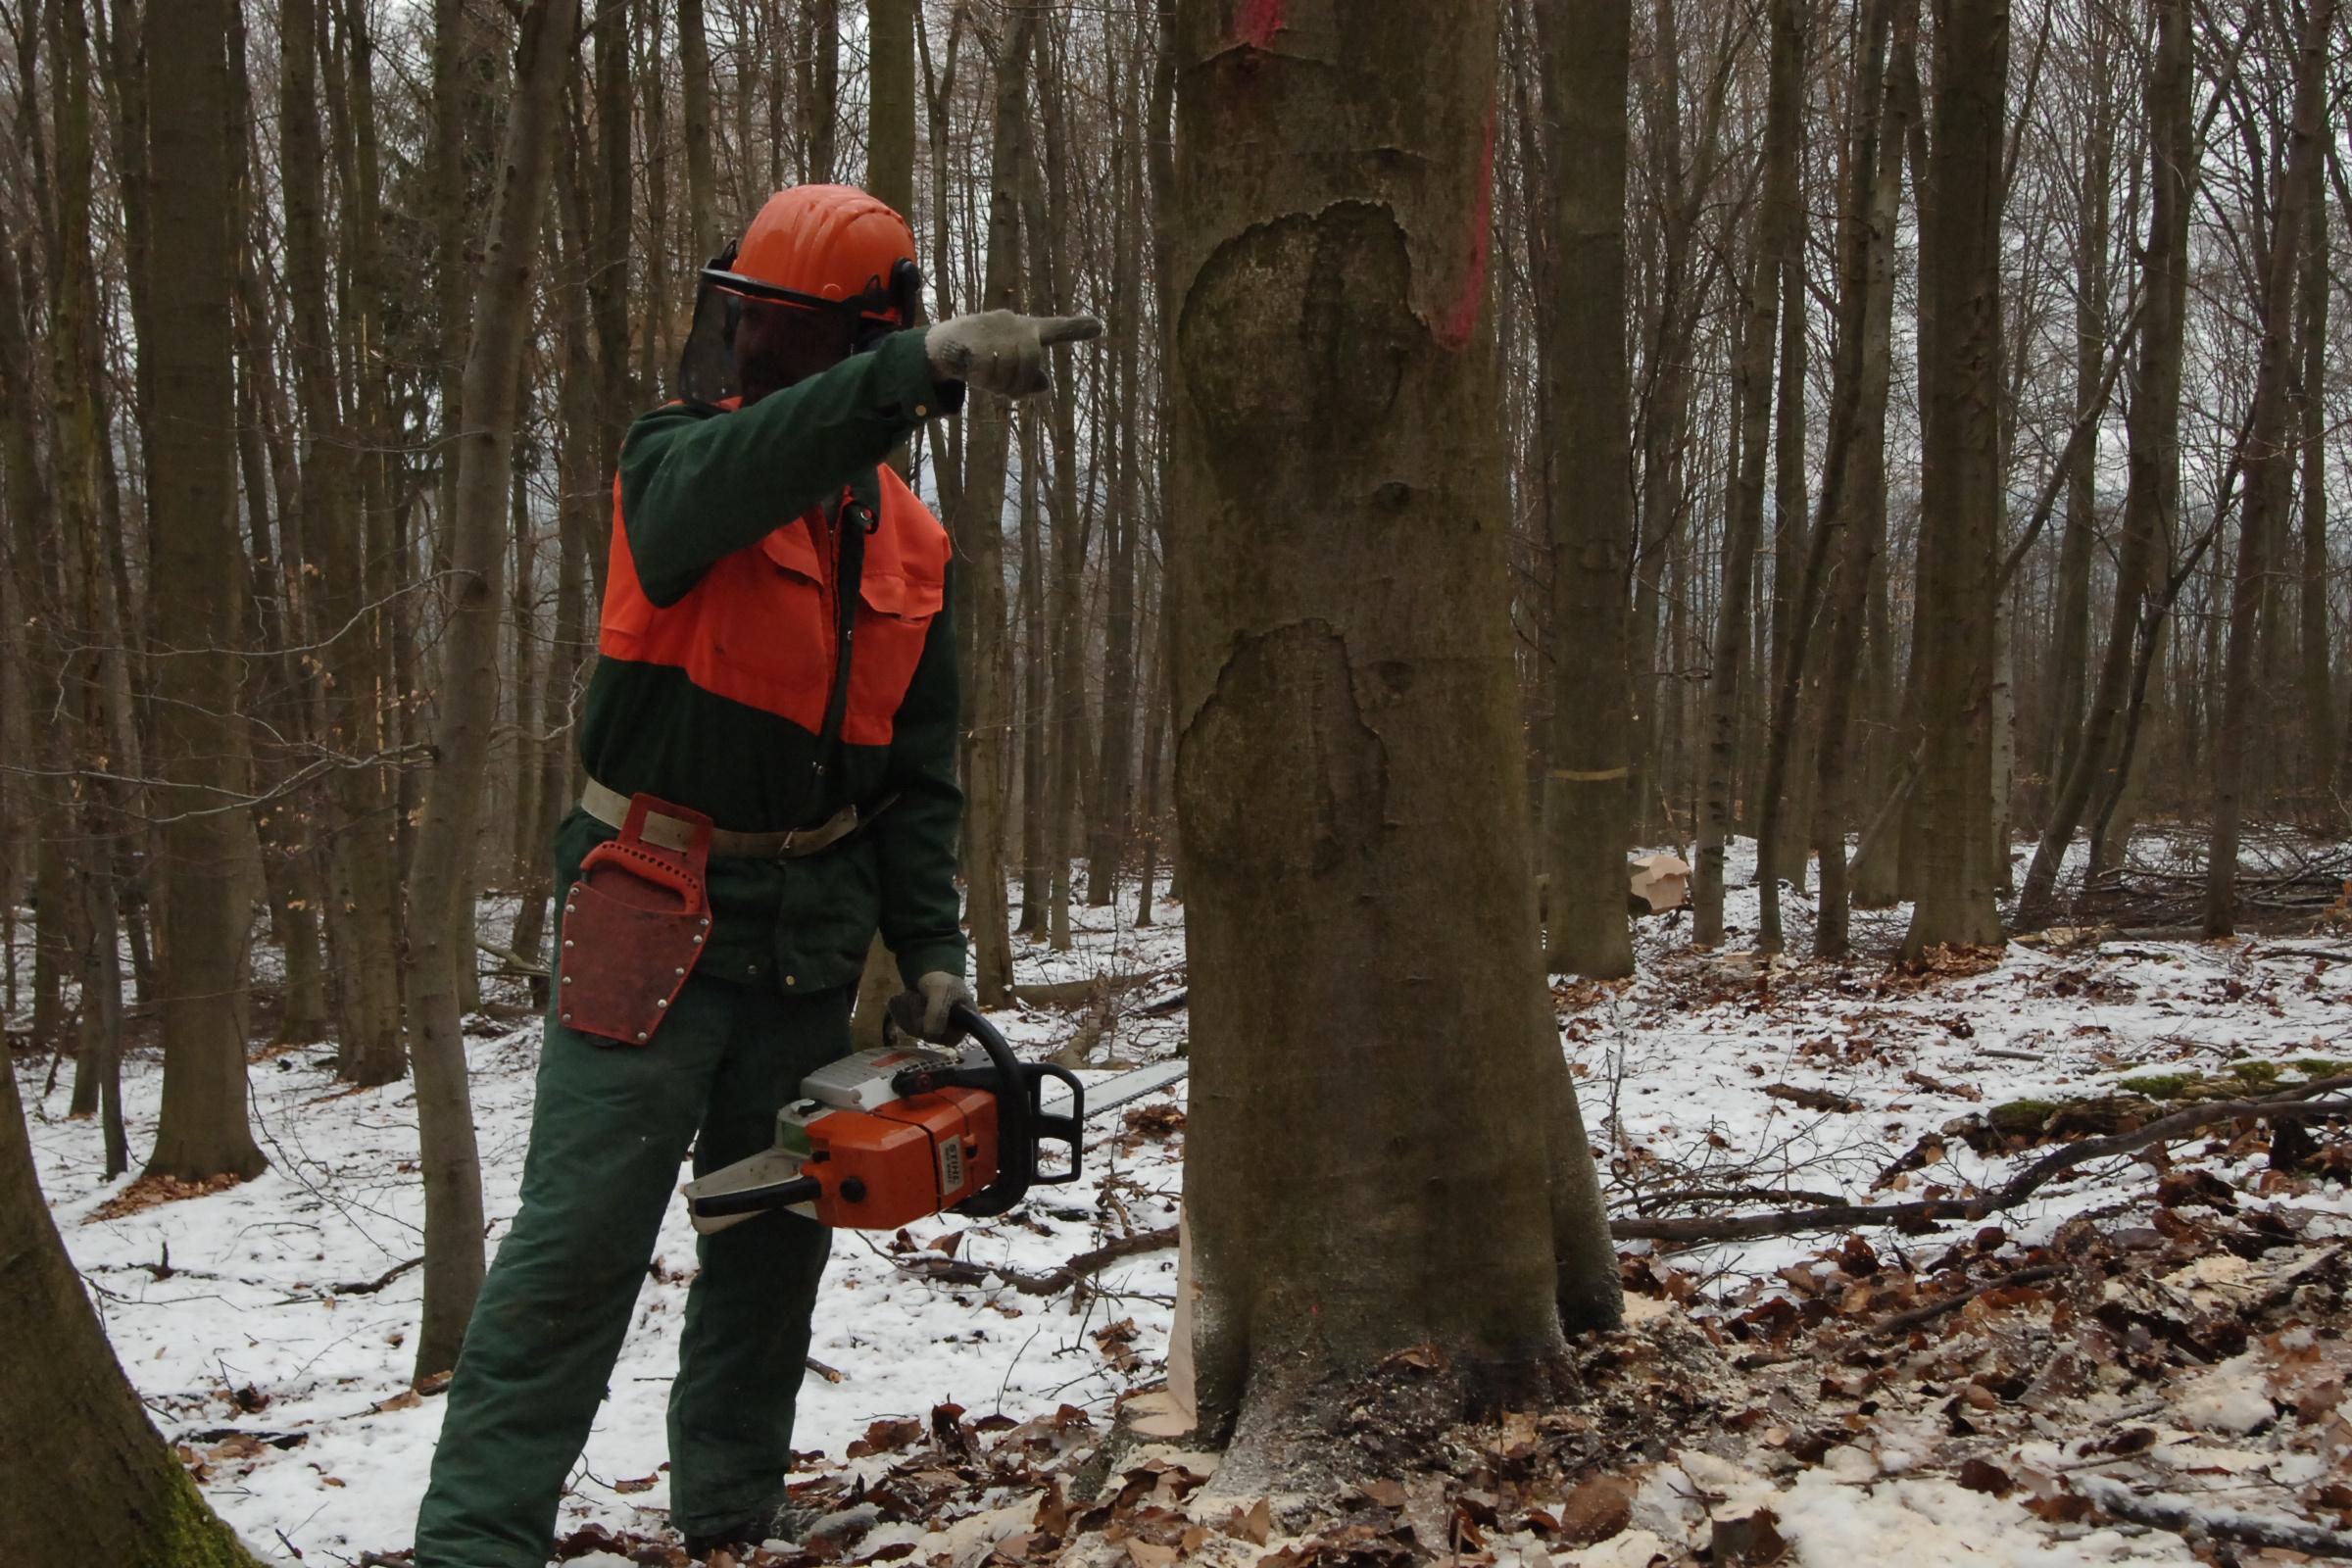 Jens Zimmer Stihl Buche Fällung AS-Baum I